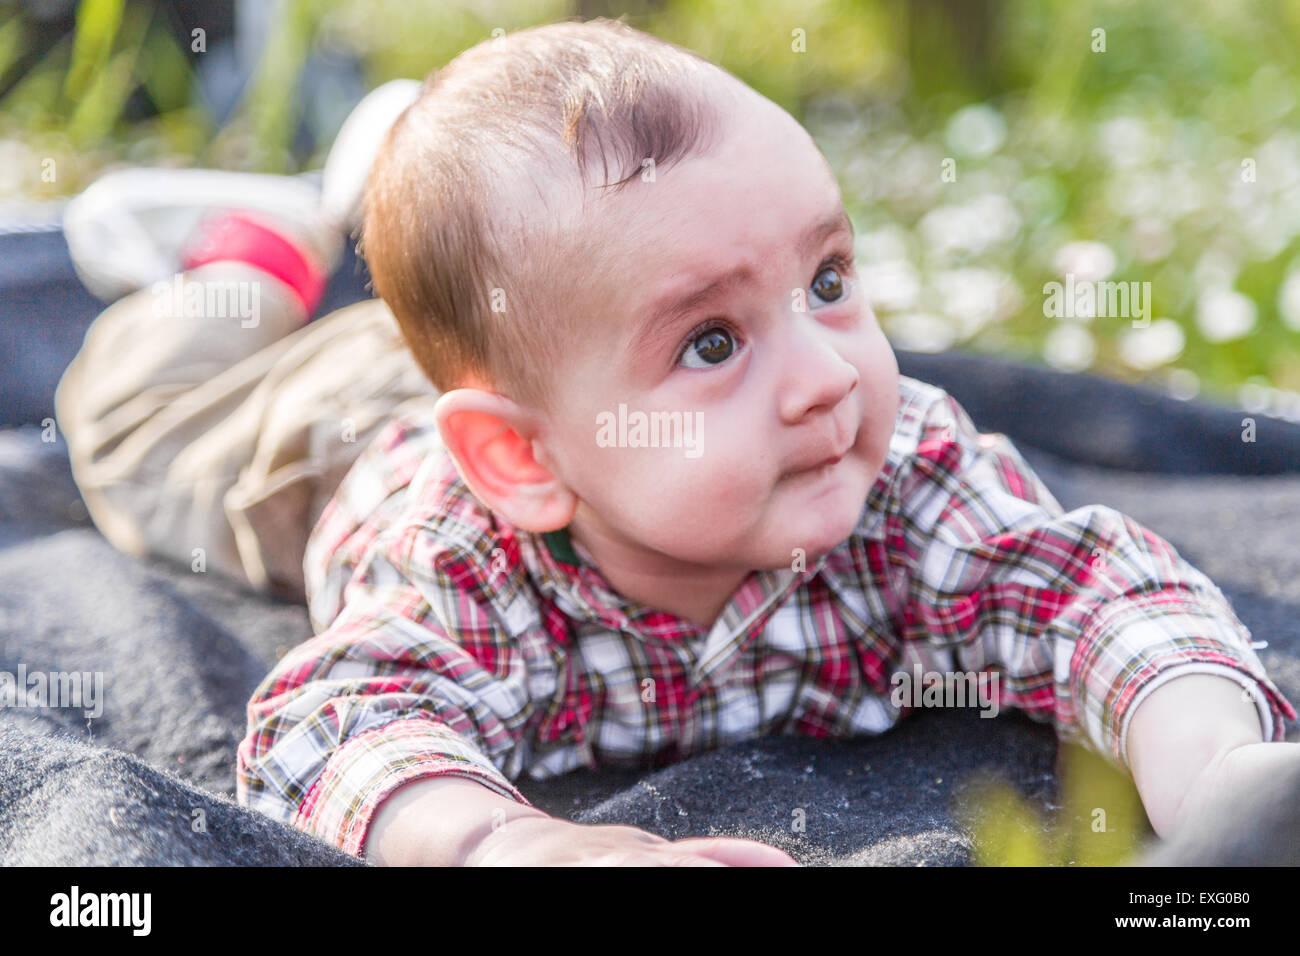 Mignon Drole De Visage De Bebe De 6 Mois Avec Les Cheveux Brun Clair En Chemise A Carreaux Rouge Et Beige Pantalon C Est De Mordre Ses Levres Et Joues Que Quelques